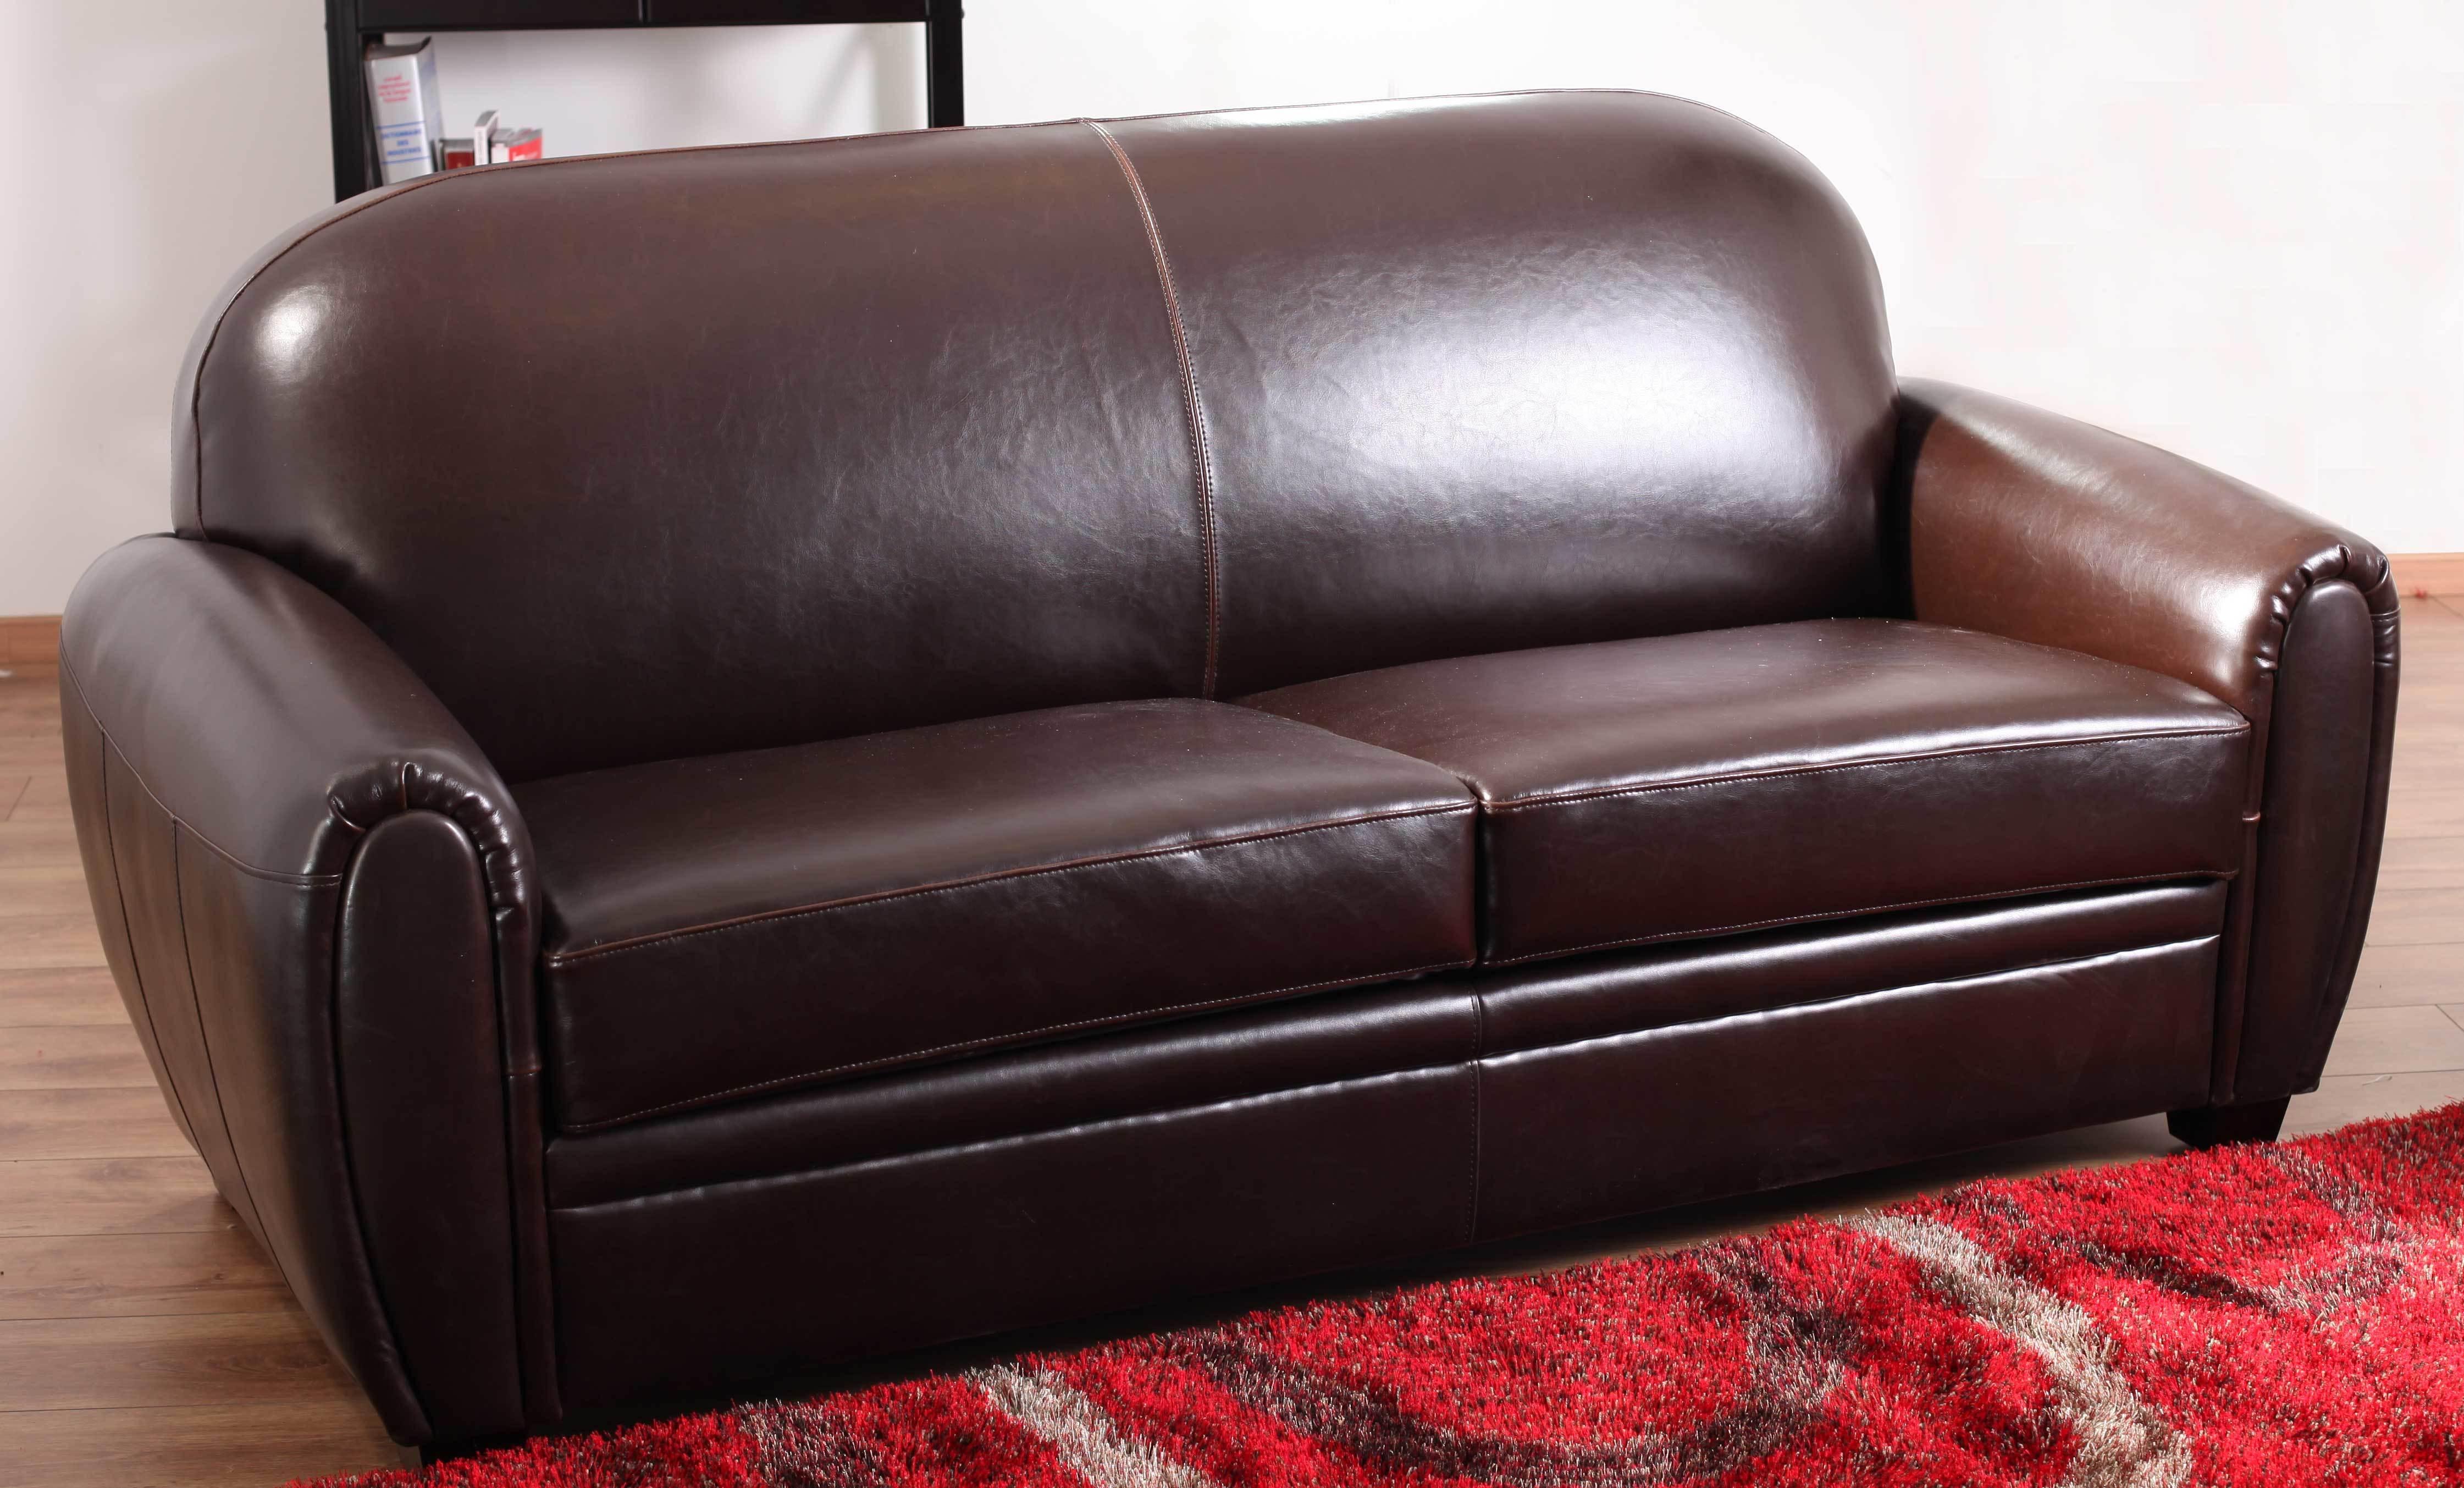 Canap club 3 places roy en cuir de buffle marron miliboo for Canape club cuir marron